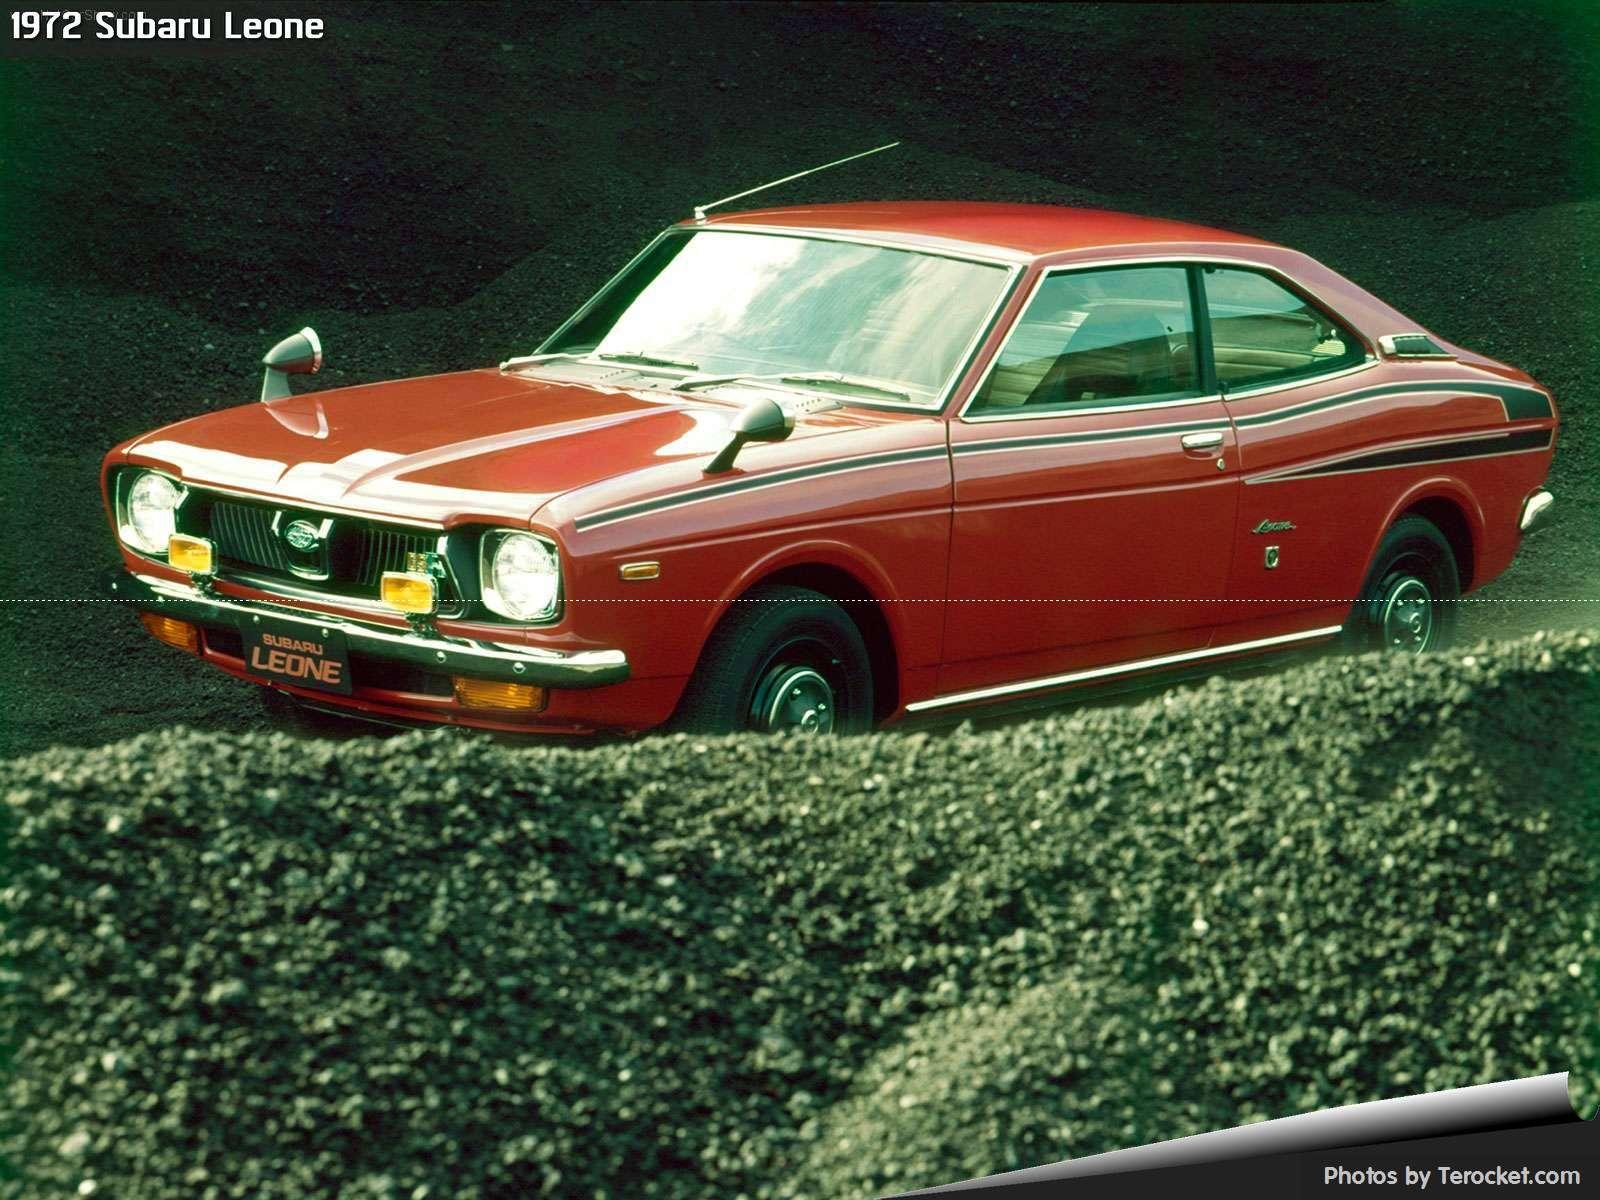 Hình ảnh xe ô tô Subaru Leone 1972 & nội ngoại thất